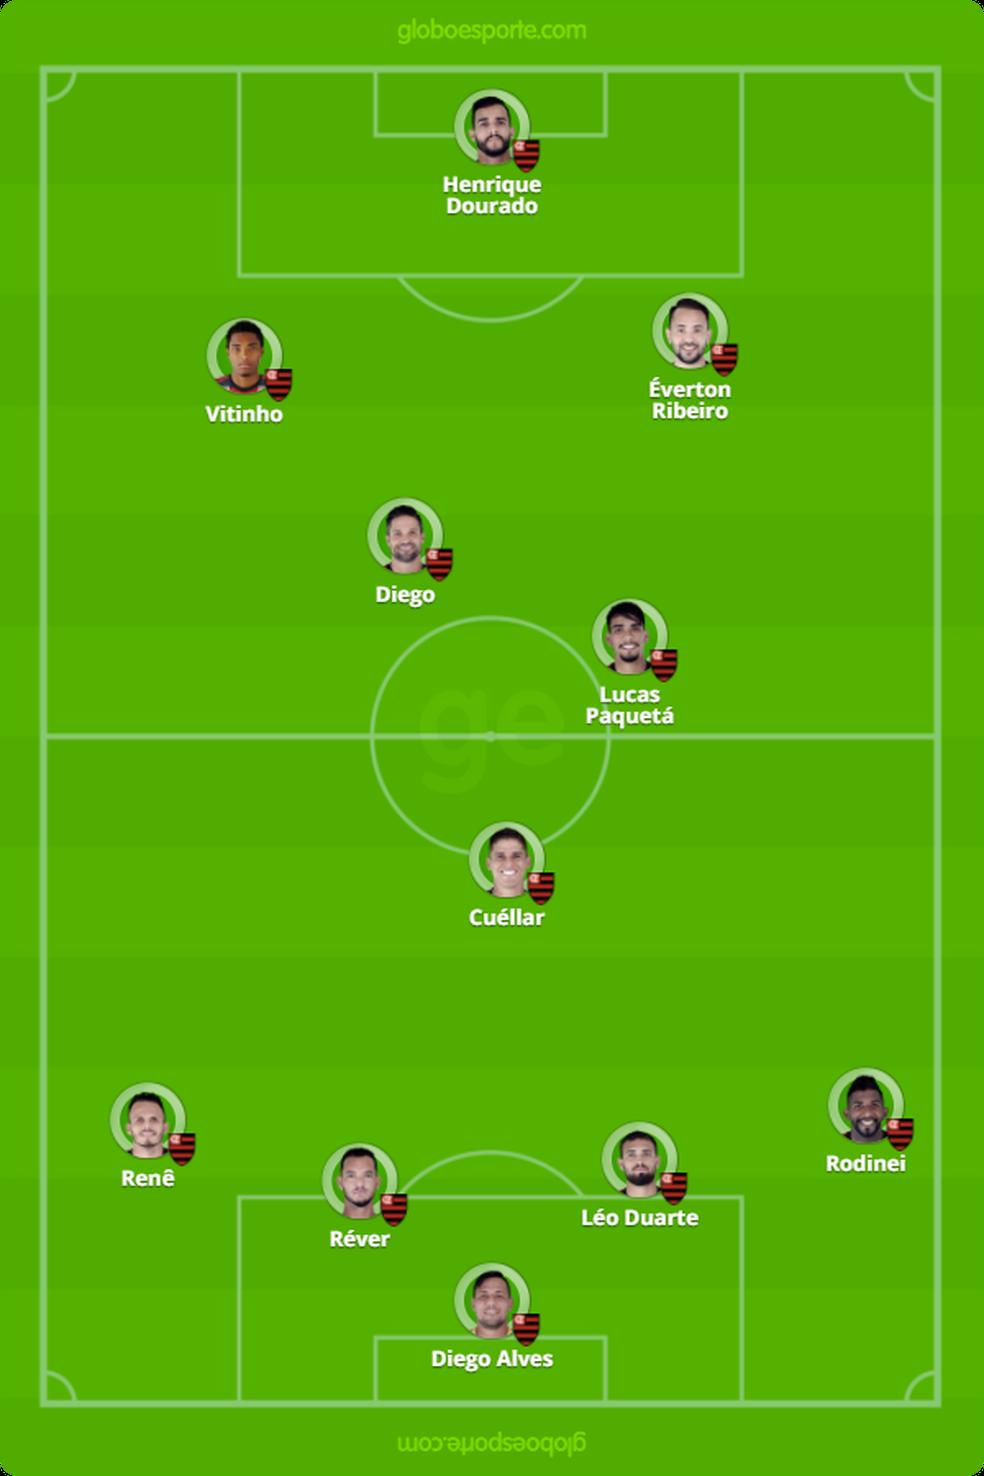 Provável escalação do Flamengo (Foto: Reprodução)